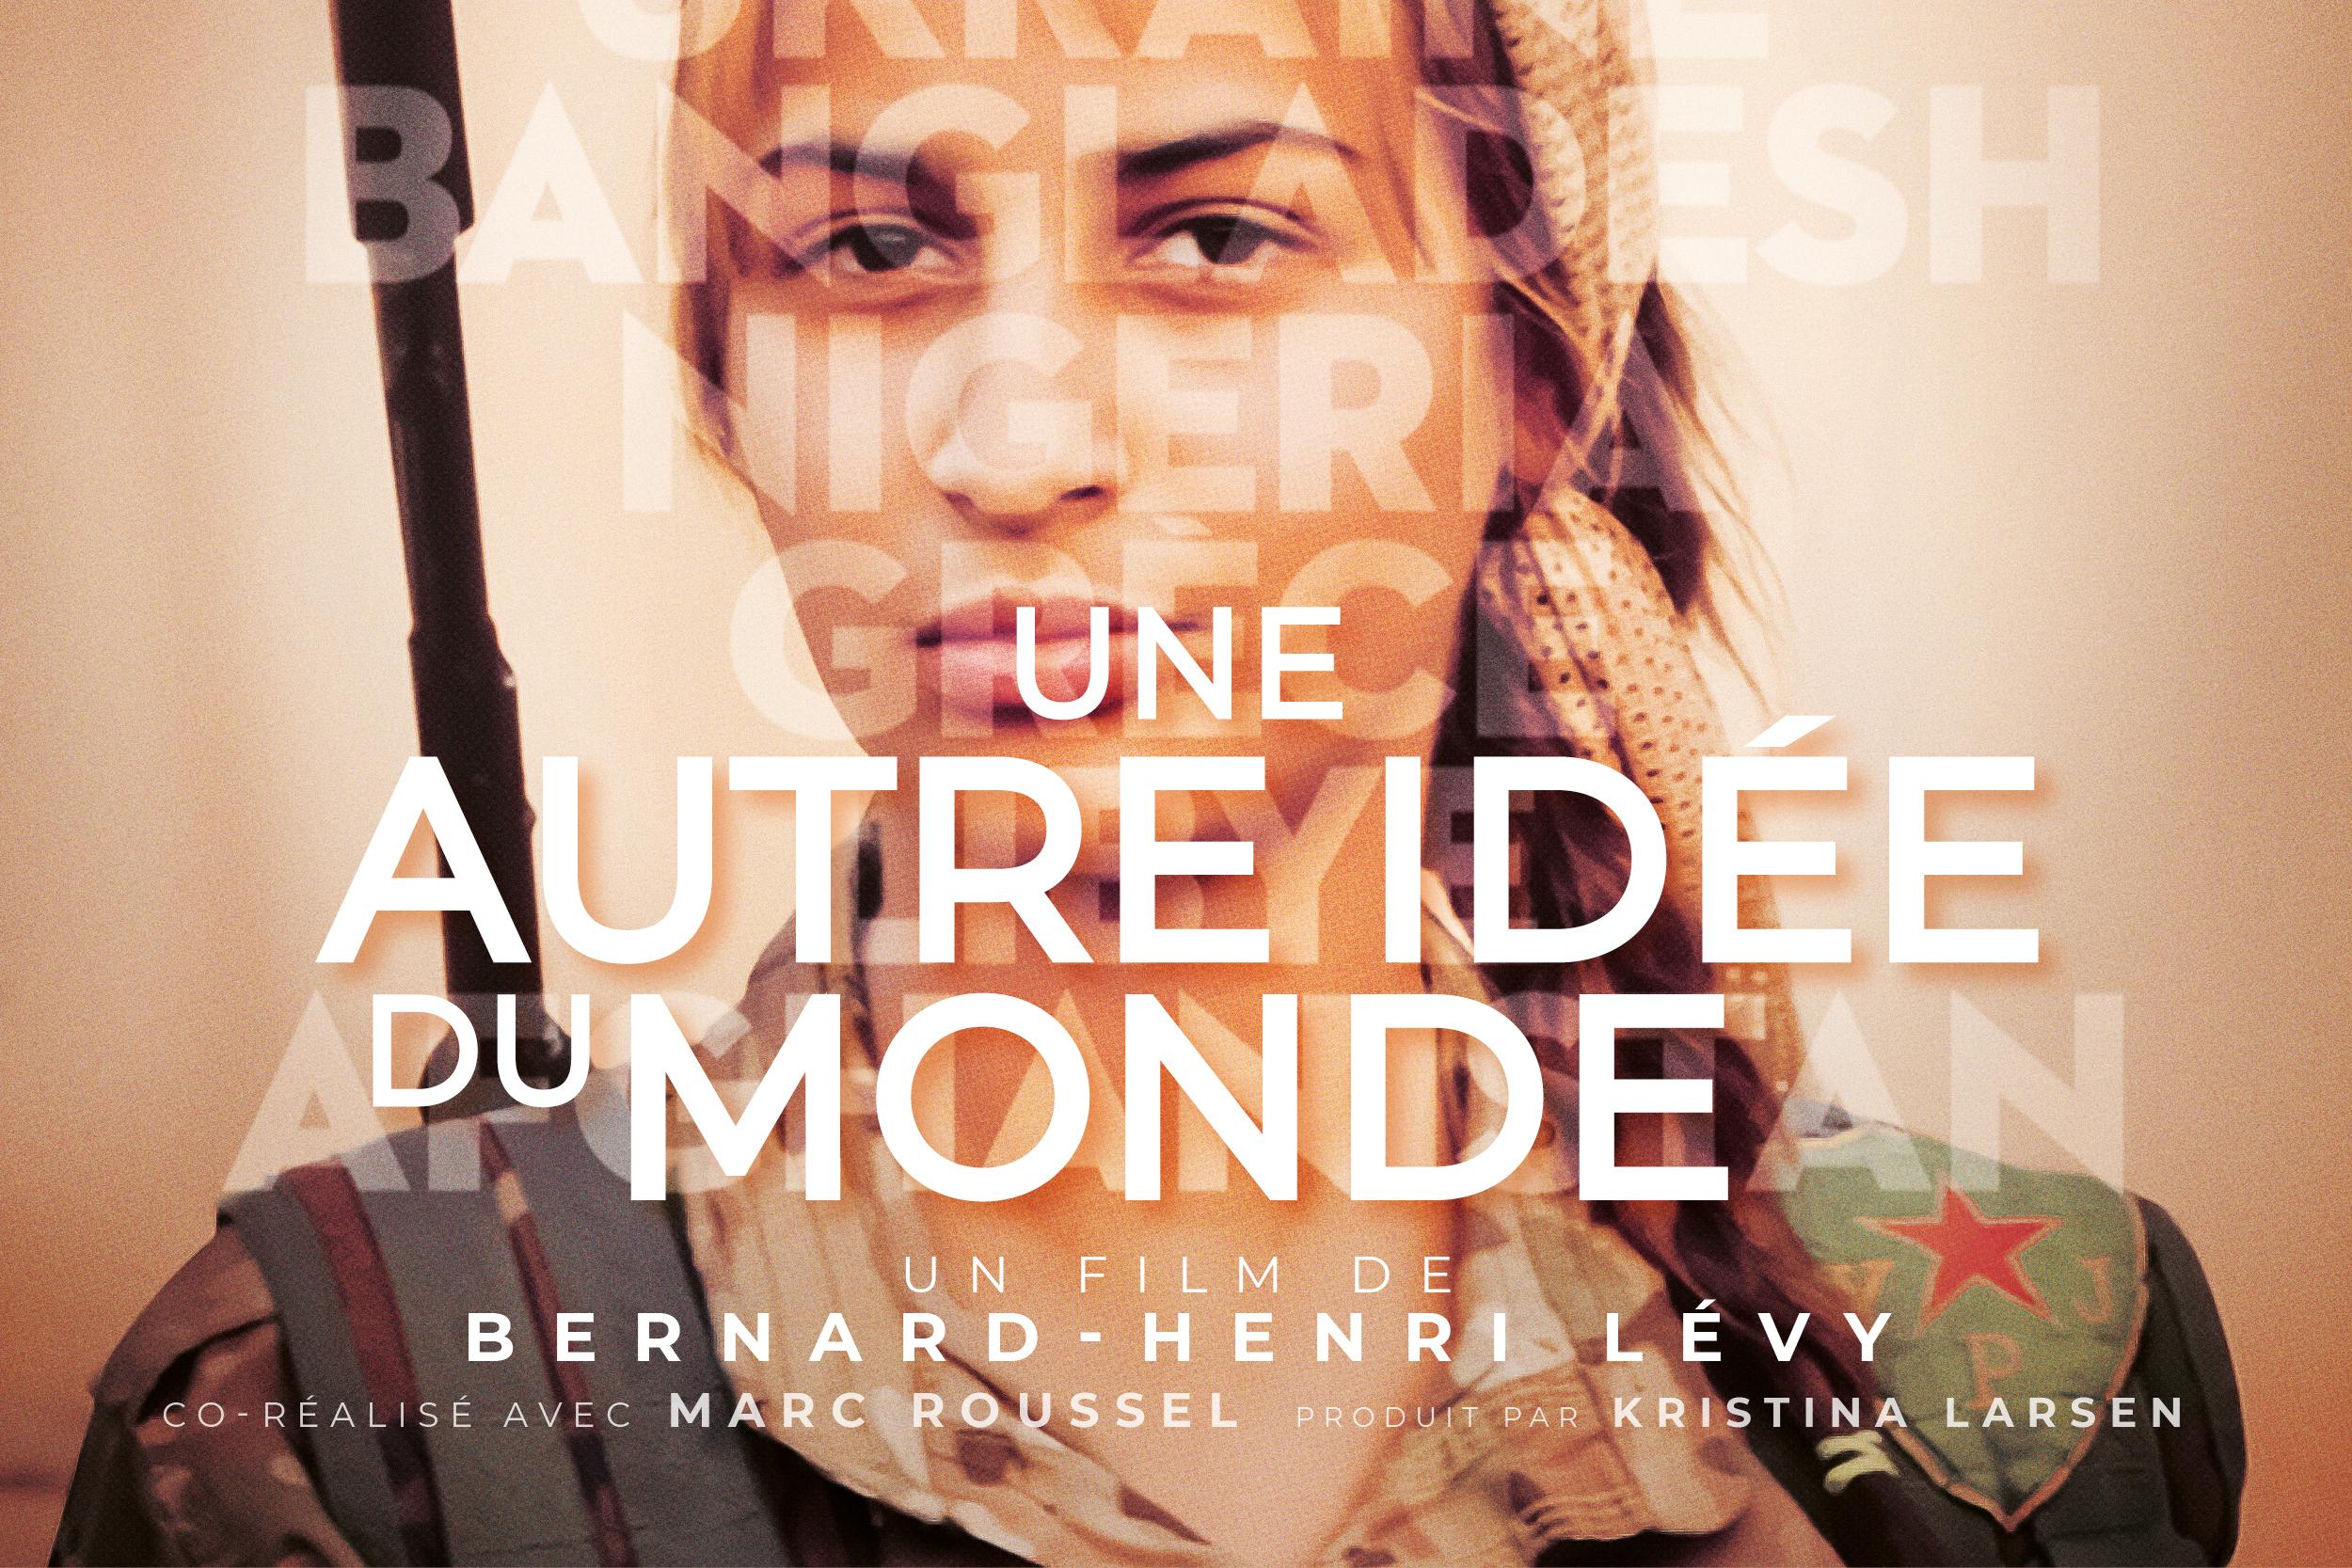 """Détail de l'affiche du film """"Une autre idée du monde"""" de Bernard-Henri Lévy, co-réalisé avec Marc Roussel."""